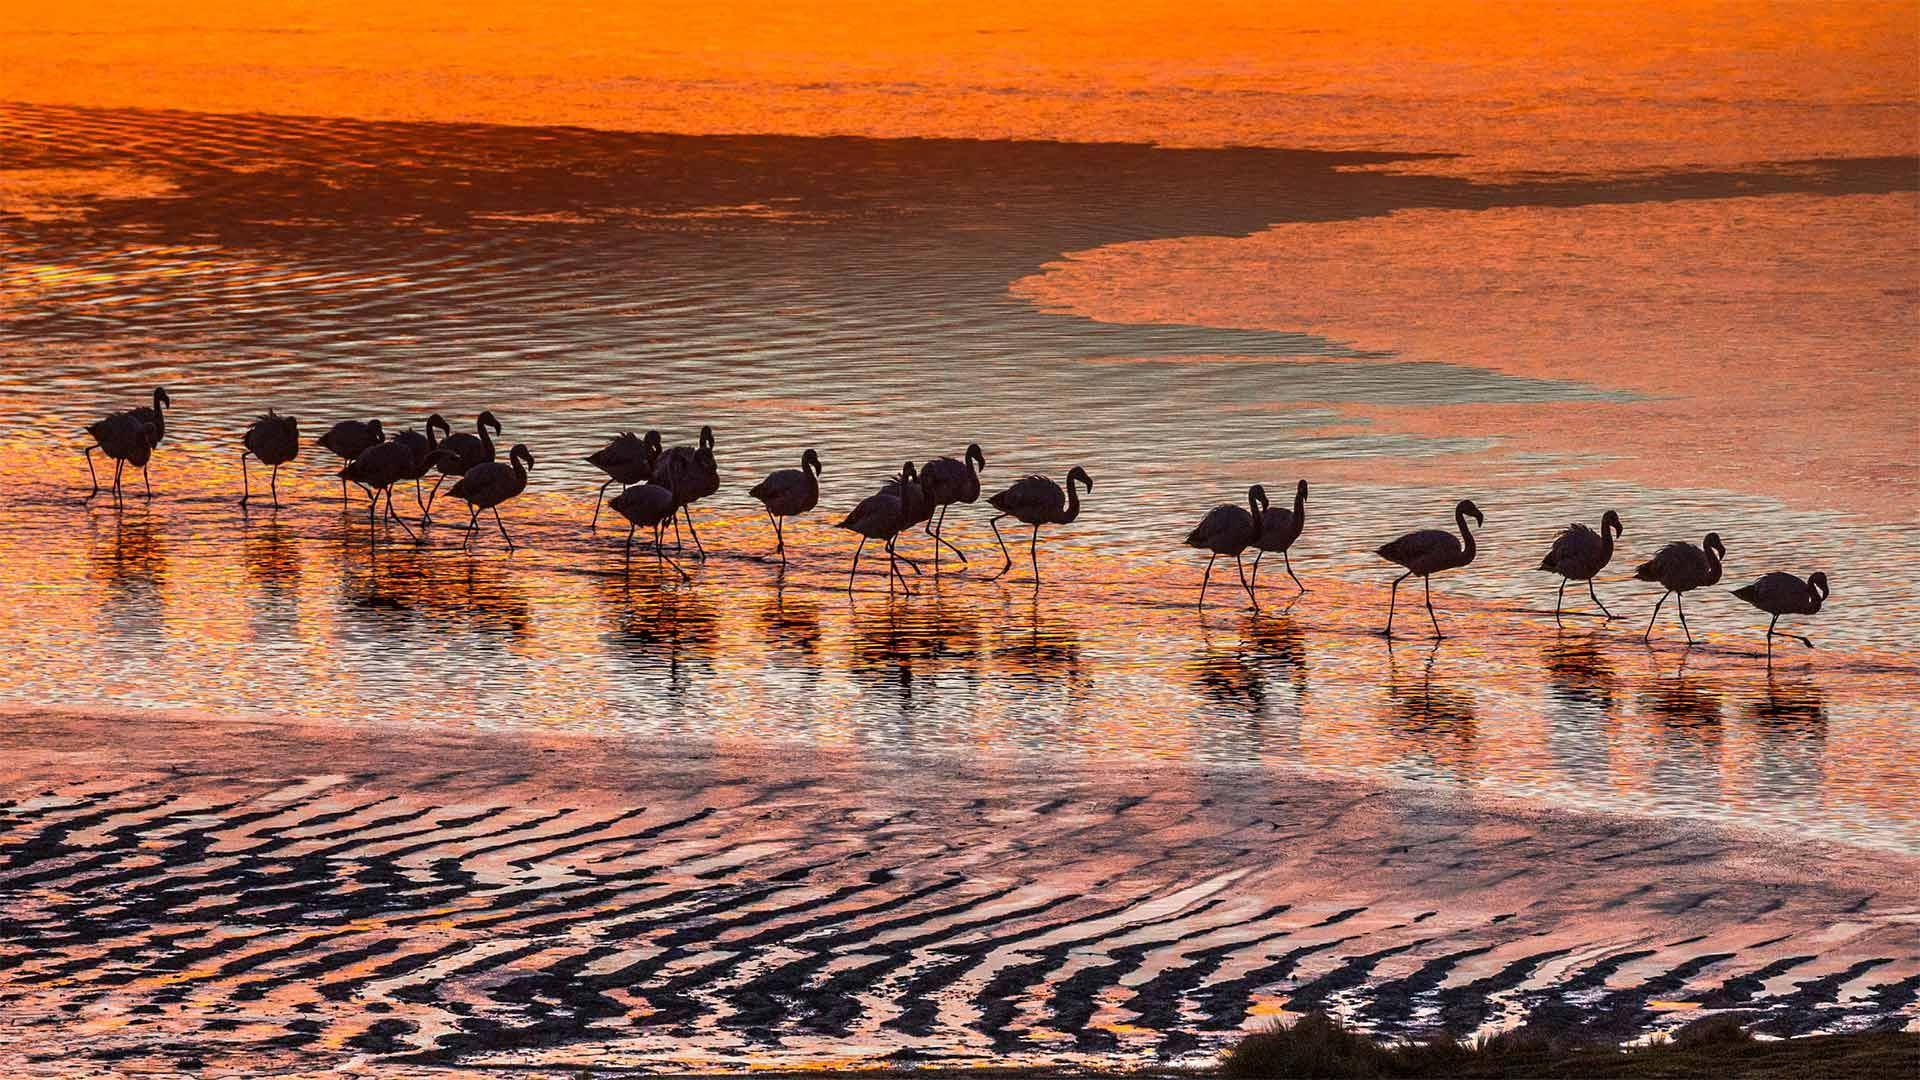 爱德阿都·阿瓦罗·安第斯国家保护区内的火烈鸟火烈鸟